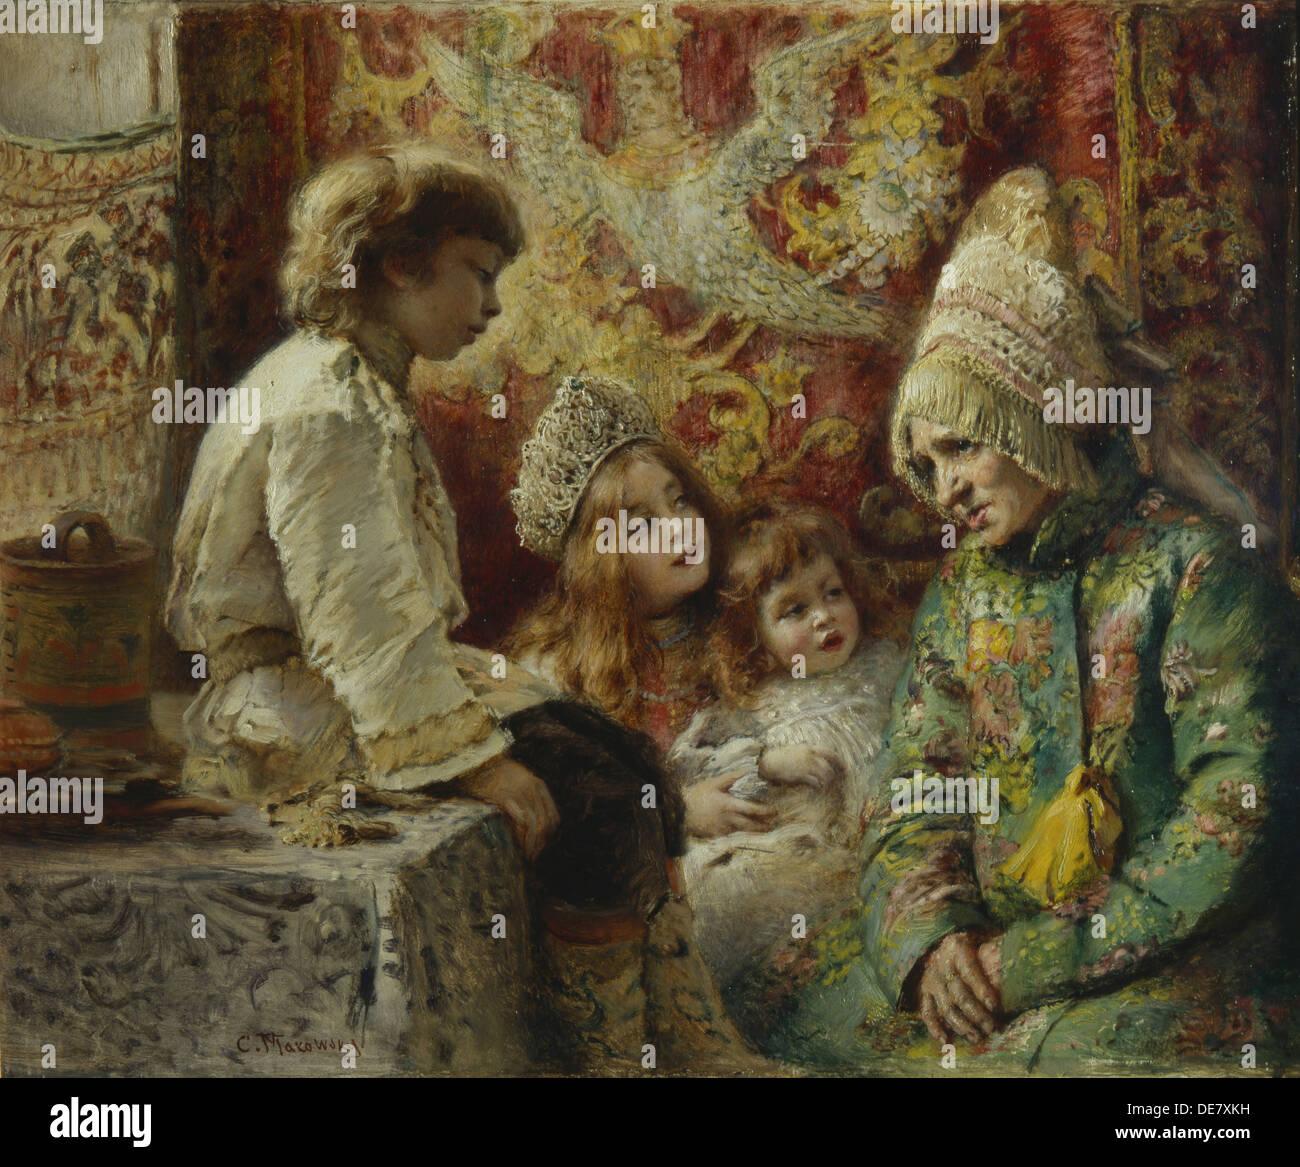 La nonna con bambini (Nonna Fiaba), 1882. Artista: Makovsky, Konstantin Yegorovich (1839-1915) Immagini Stock